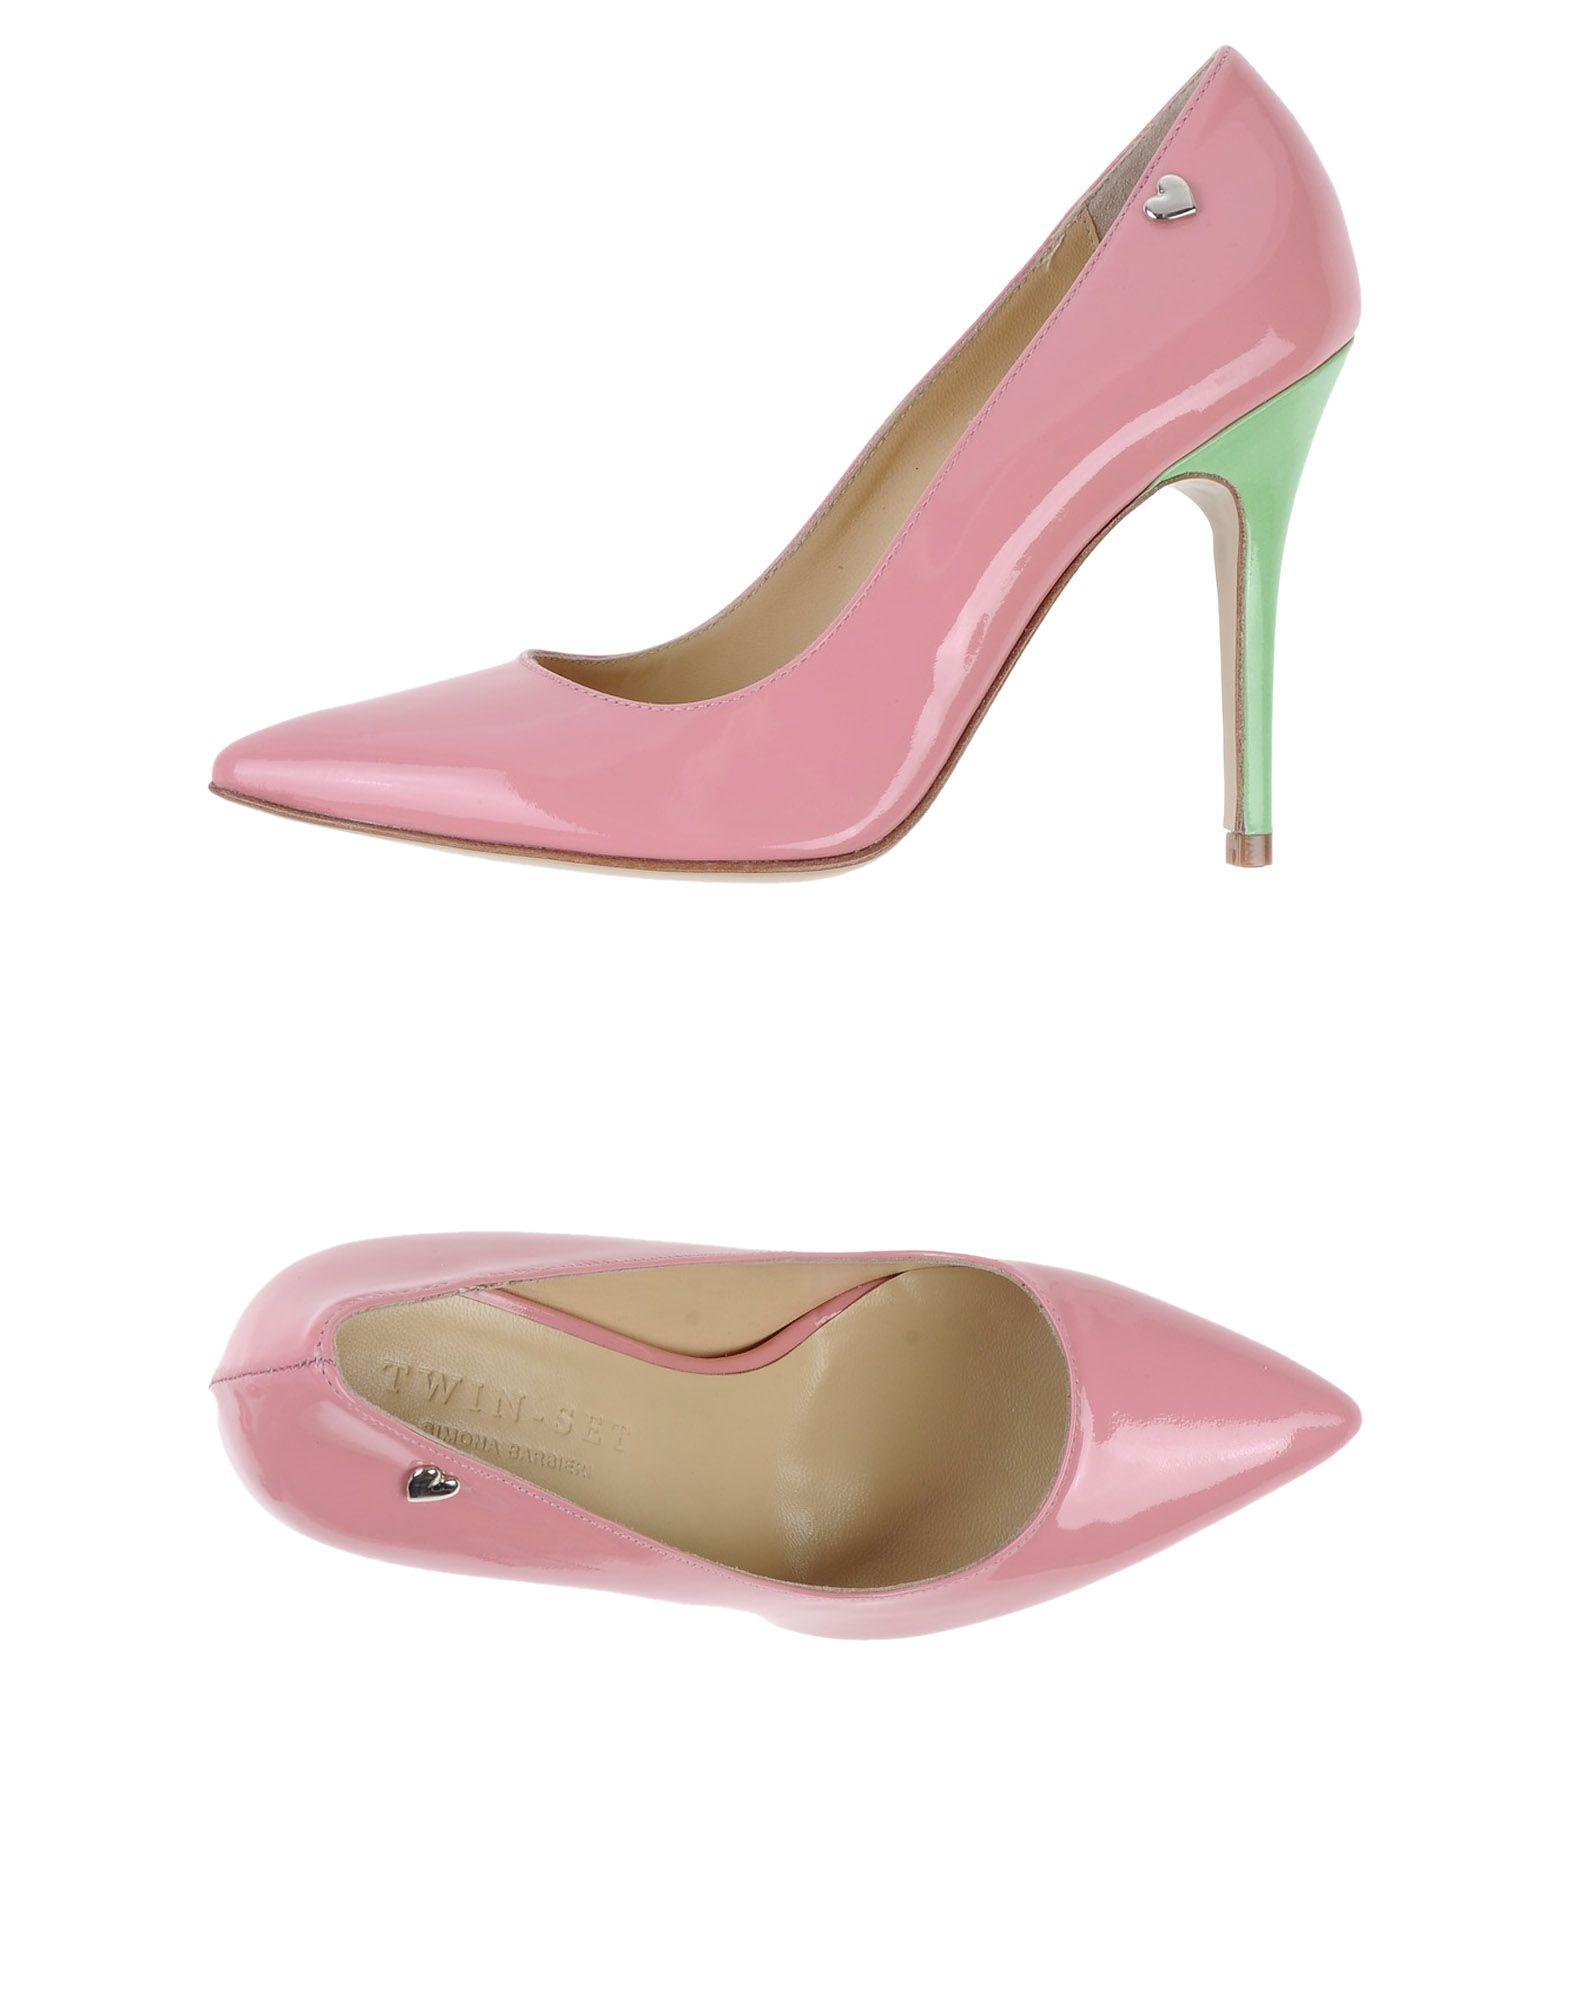 Haltbare 44718220SM Mode billige Schuhe Twin 44718220SM Haltbare Beliebte Schuhe 9fd5a4